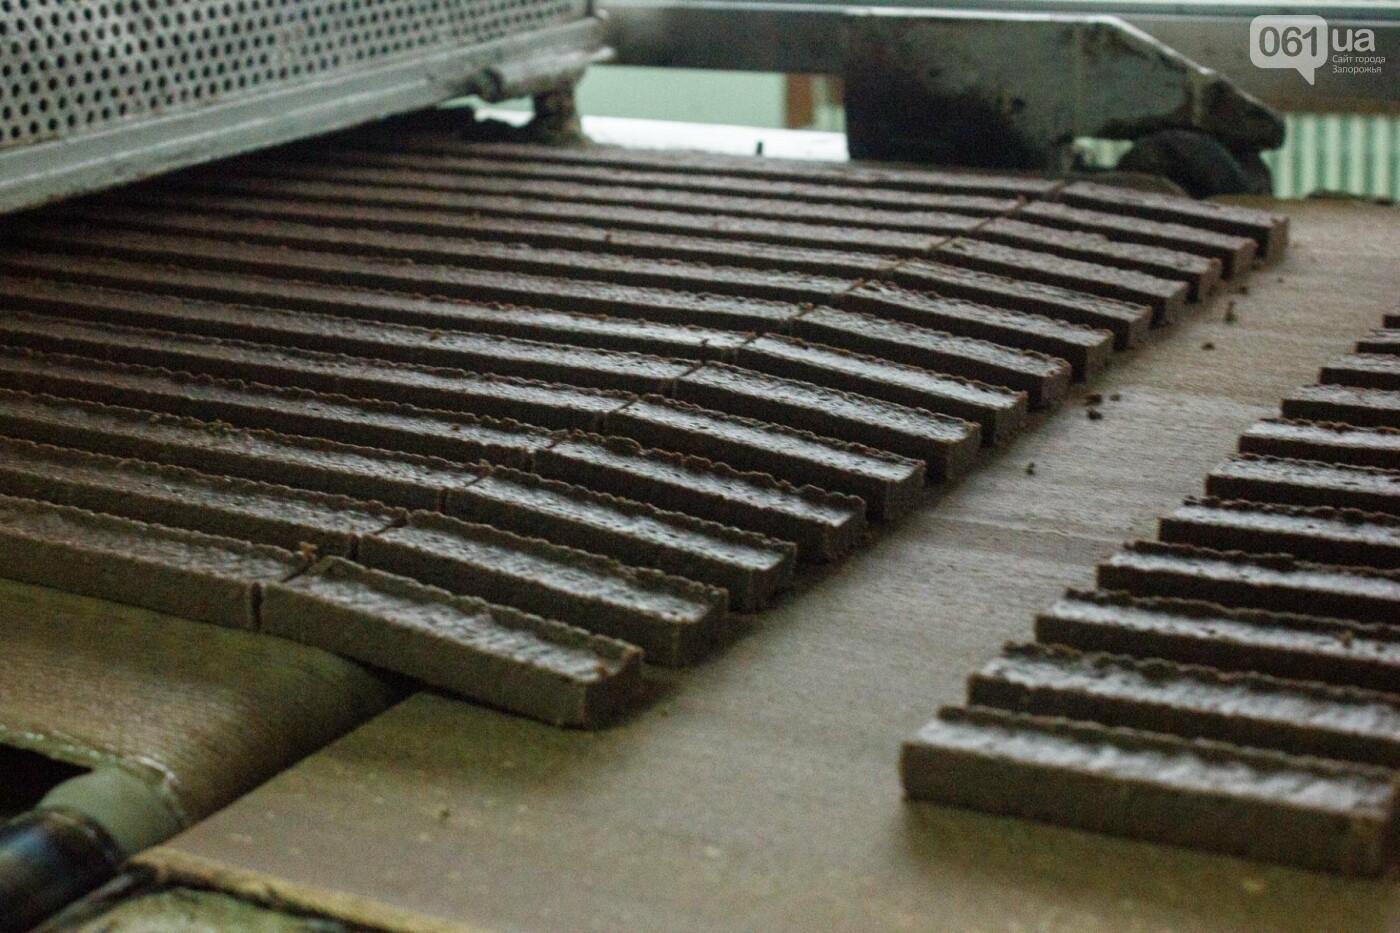 Как в Запорожье делают конфеты: экскурсия на кондитерскую фабрику, – ФОТОРЕПОРТАЖ, фото-3